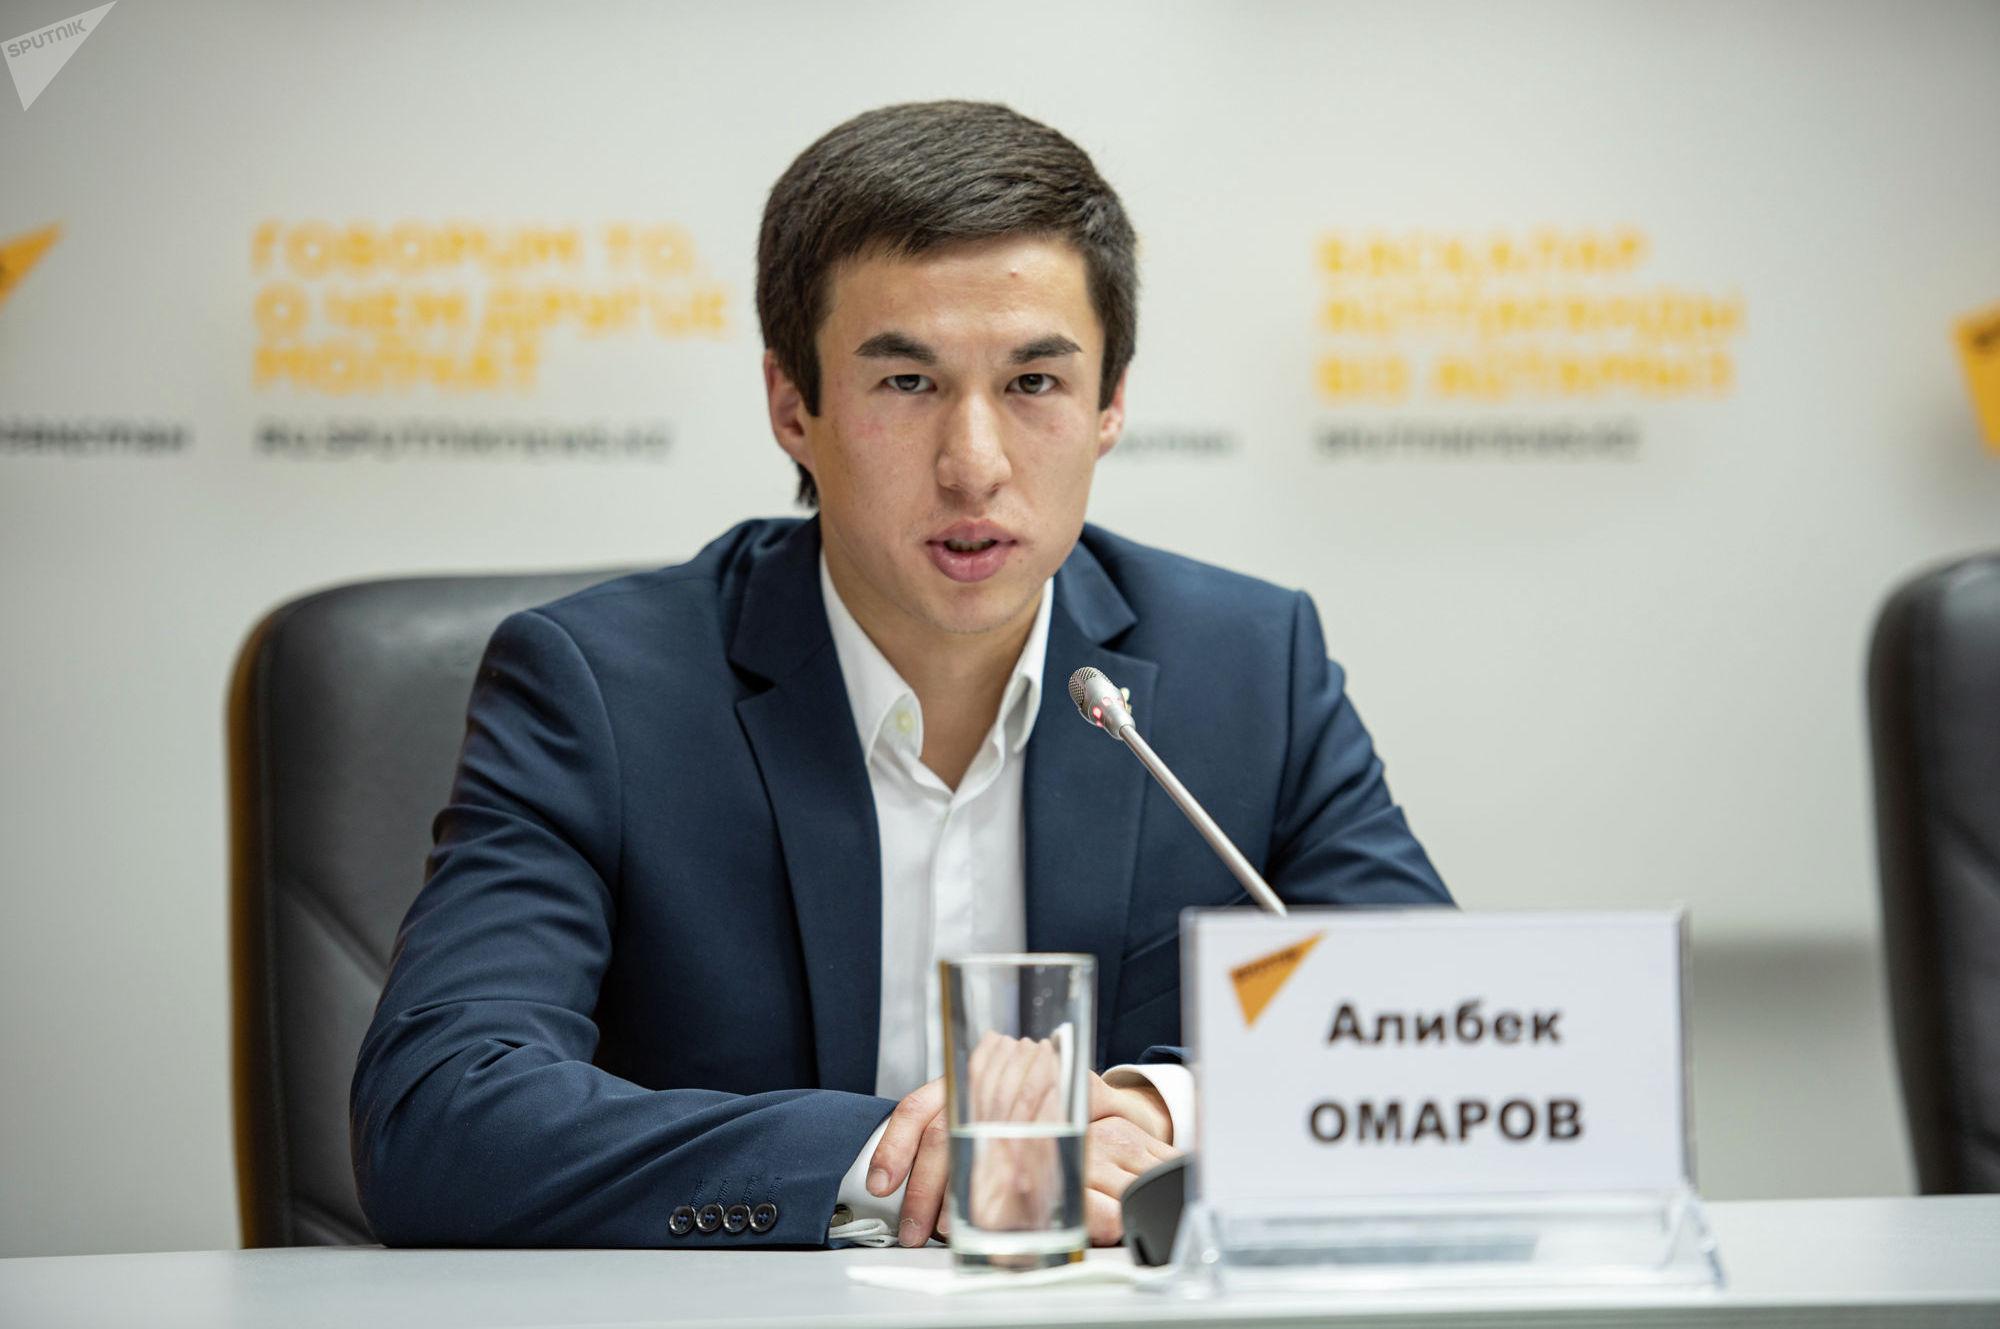 Чемпион мира по бильярду 2015 года Алибек Омаров